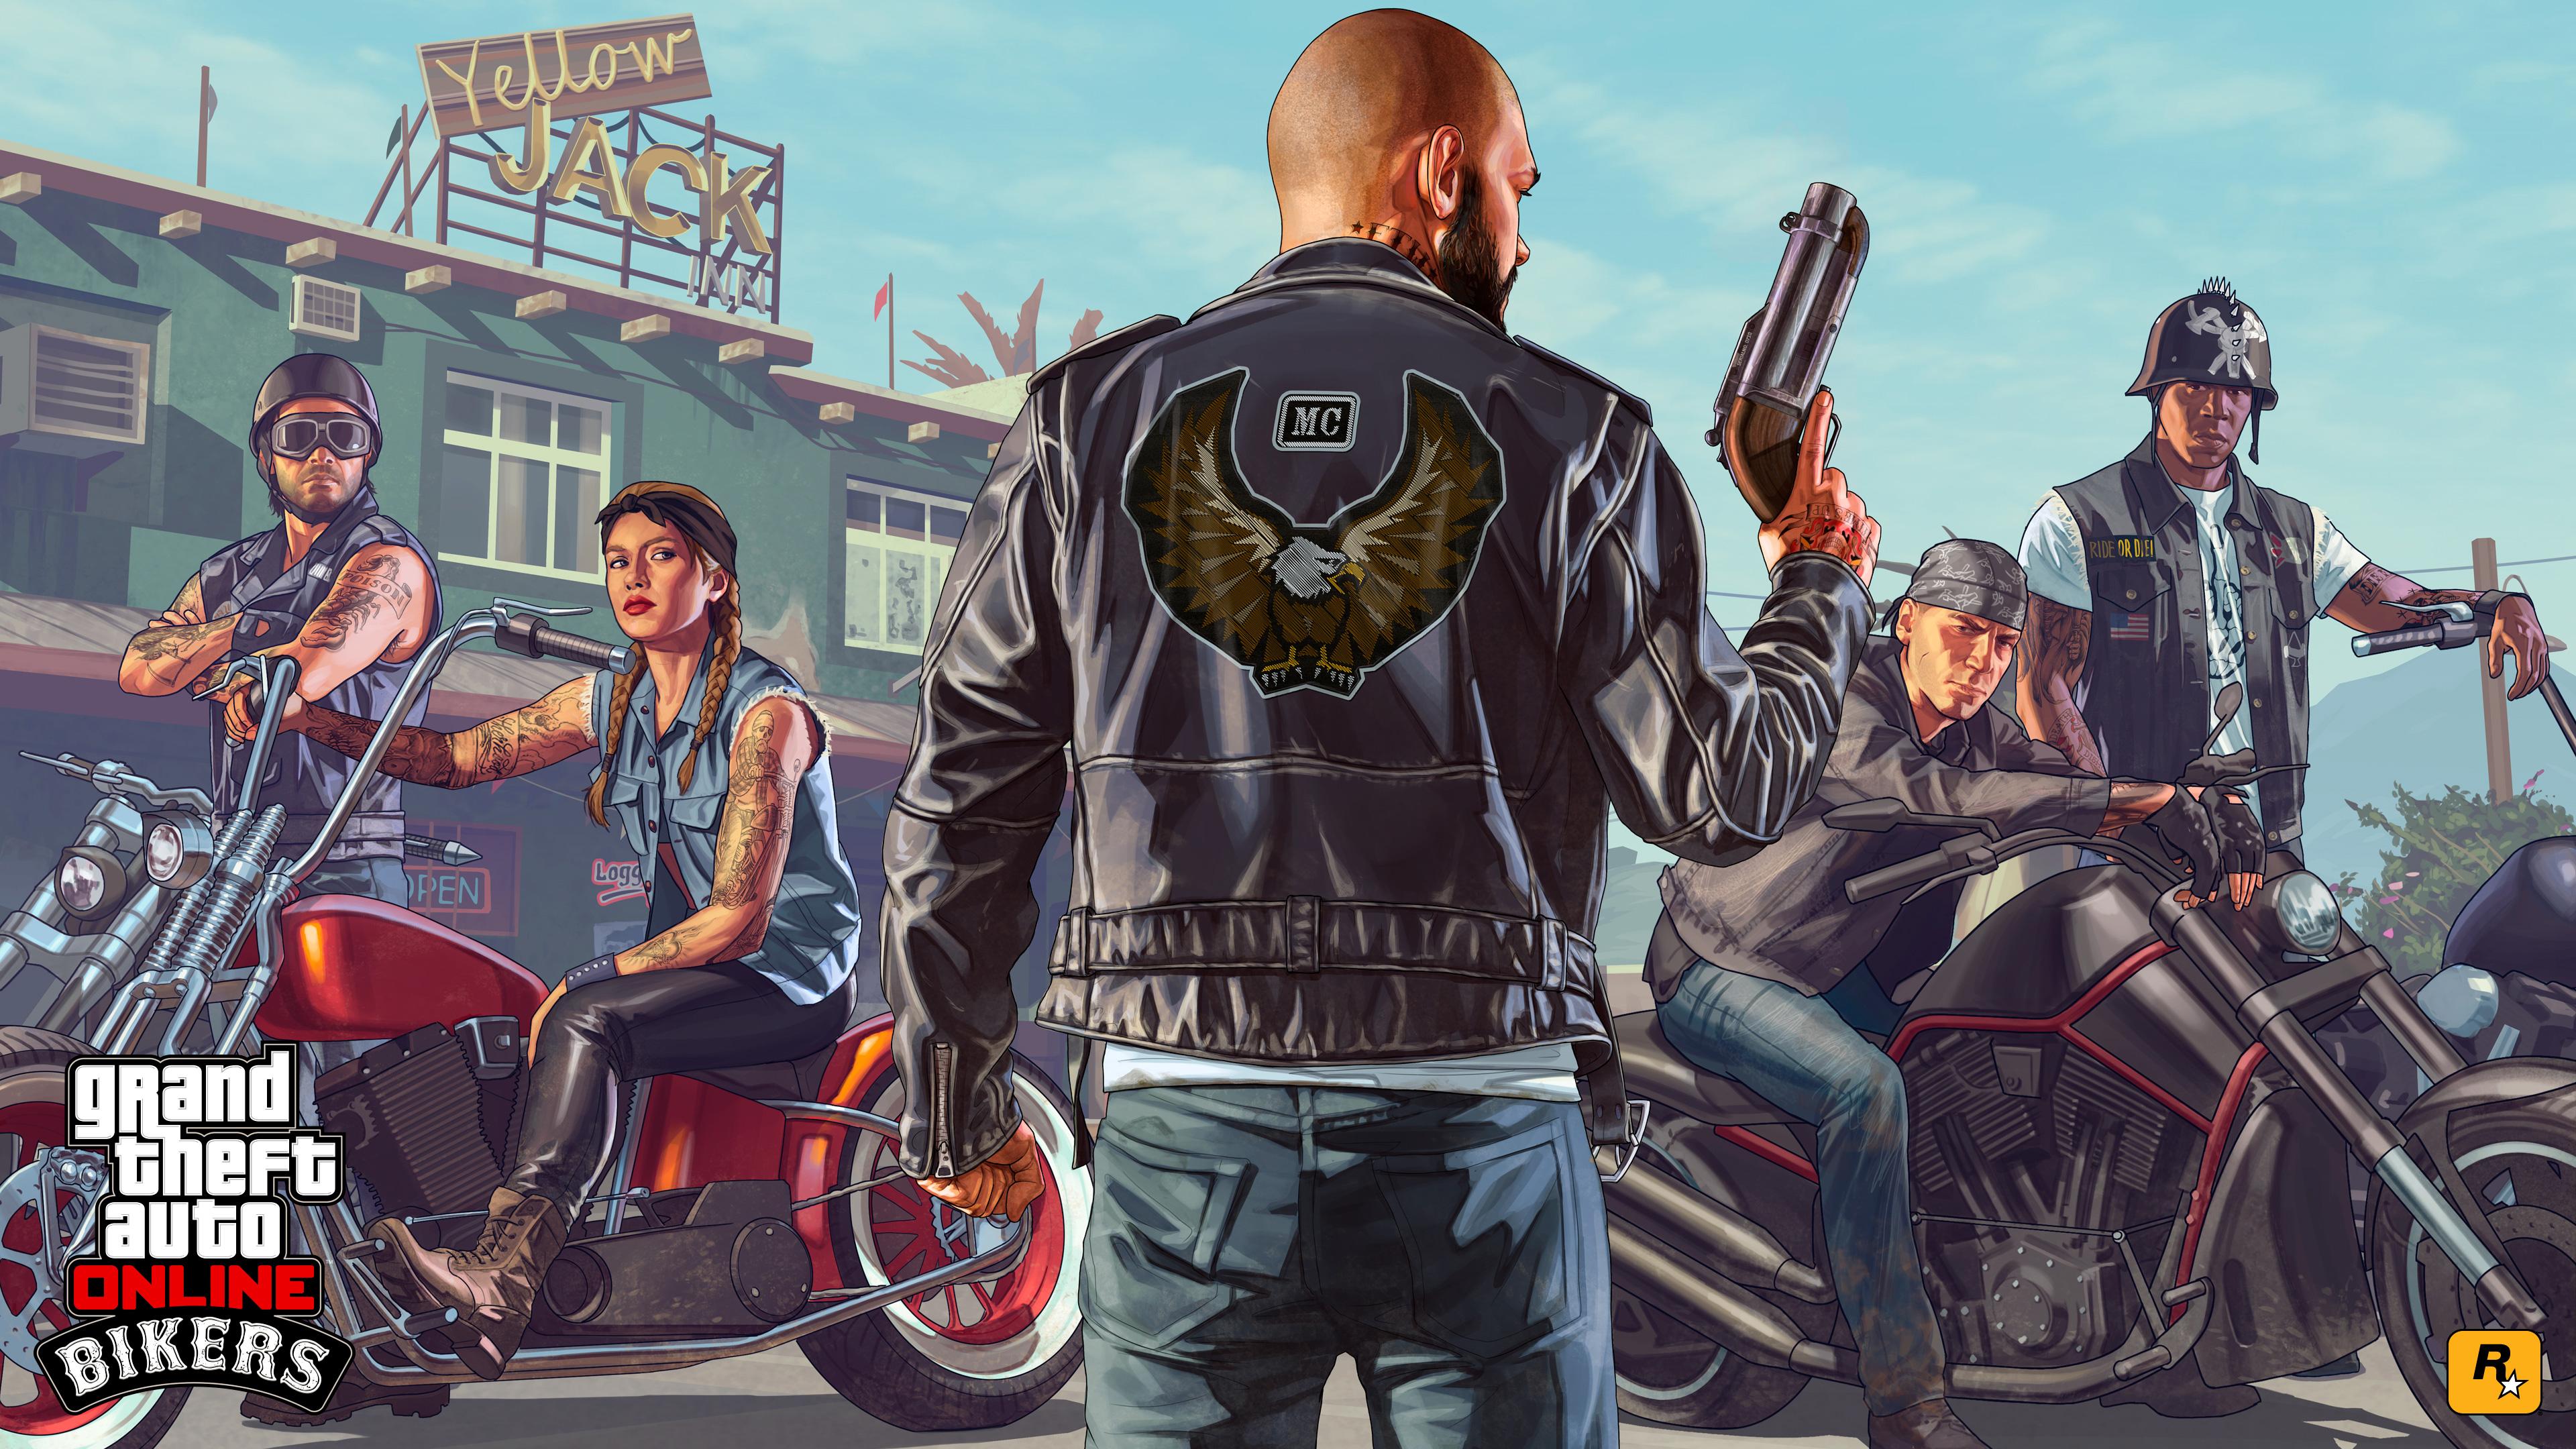 Автомобильный вор с оружием и друзьями на мотоциклах